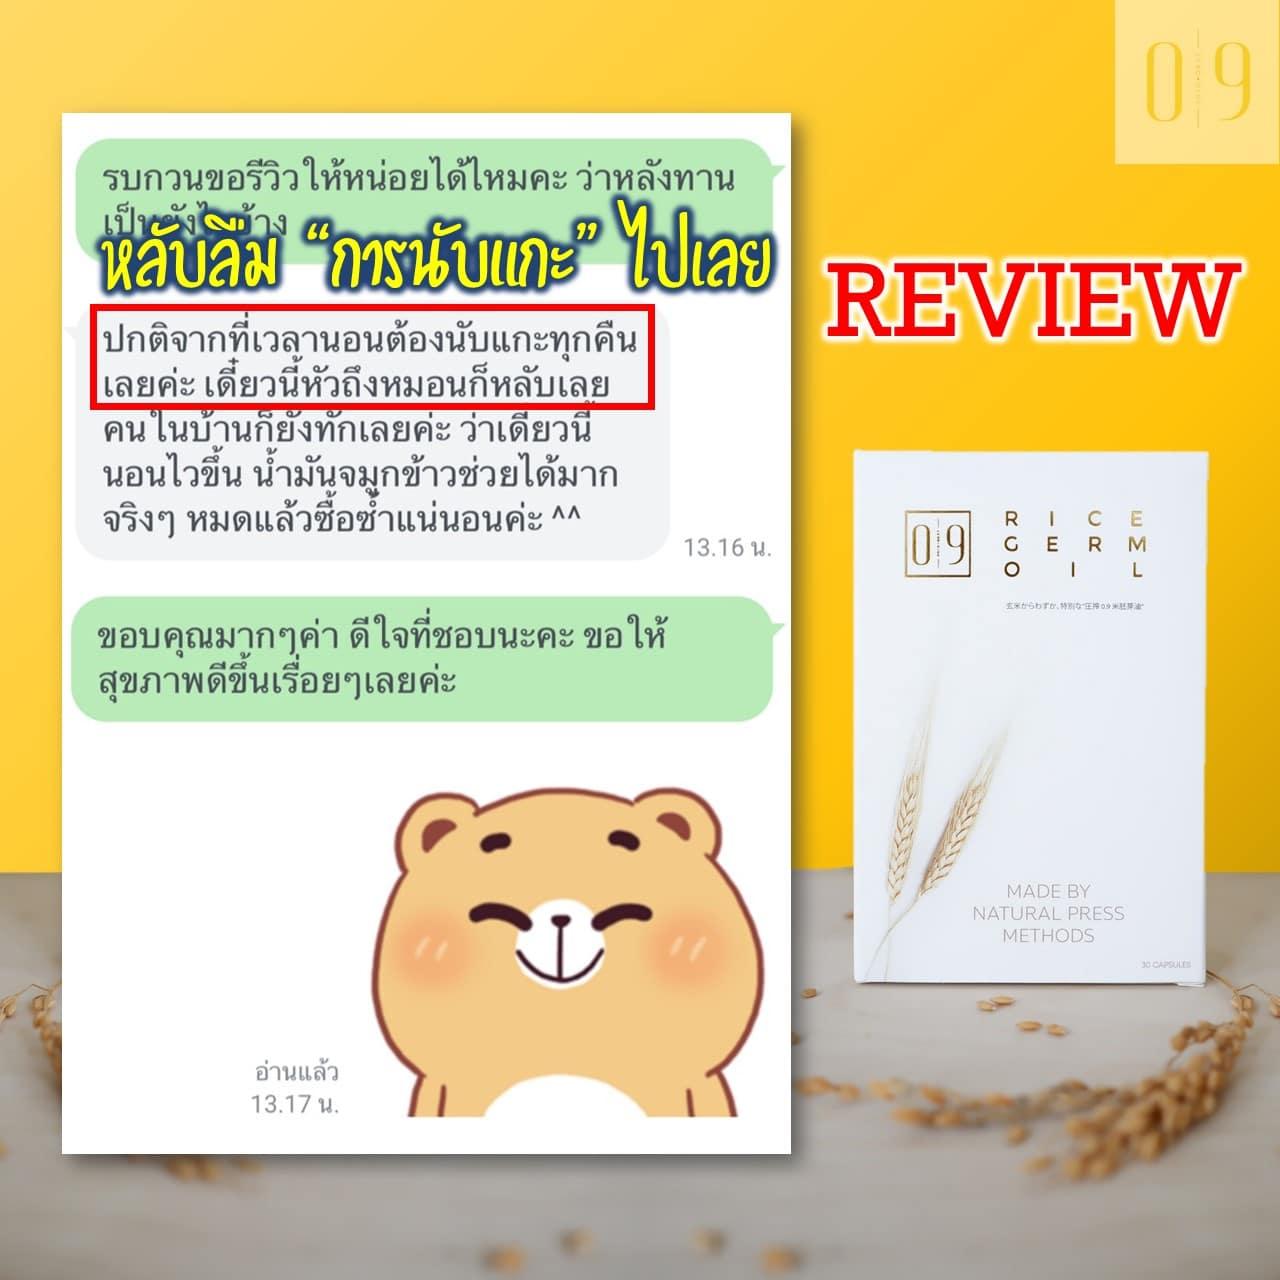 ReviewSLEEP